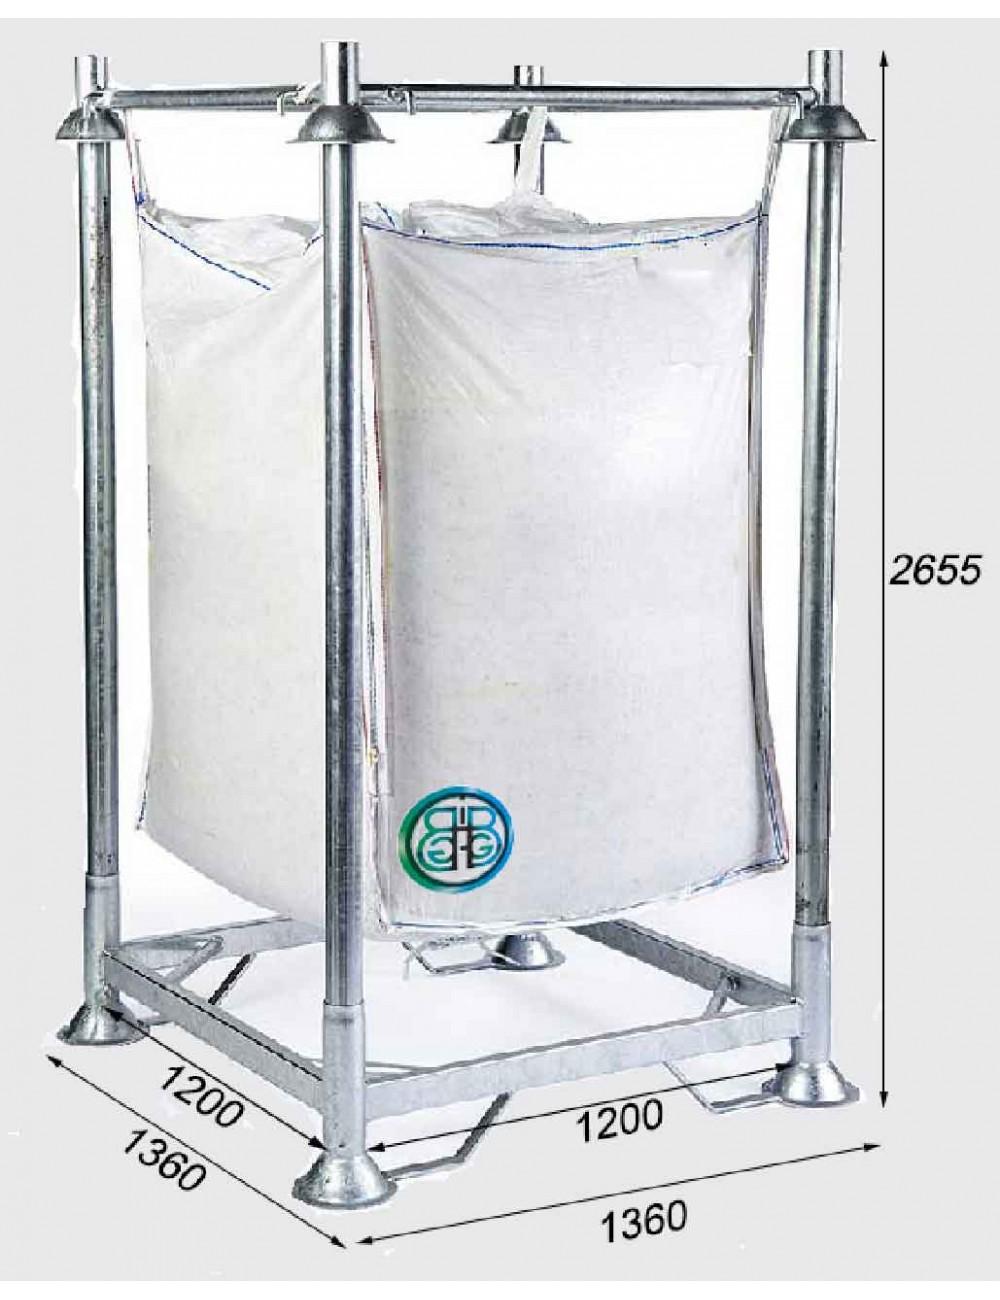 Telaio di supporto rinforzato per Big Bag Altezza 265,5 cm